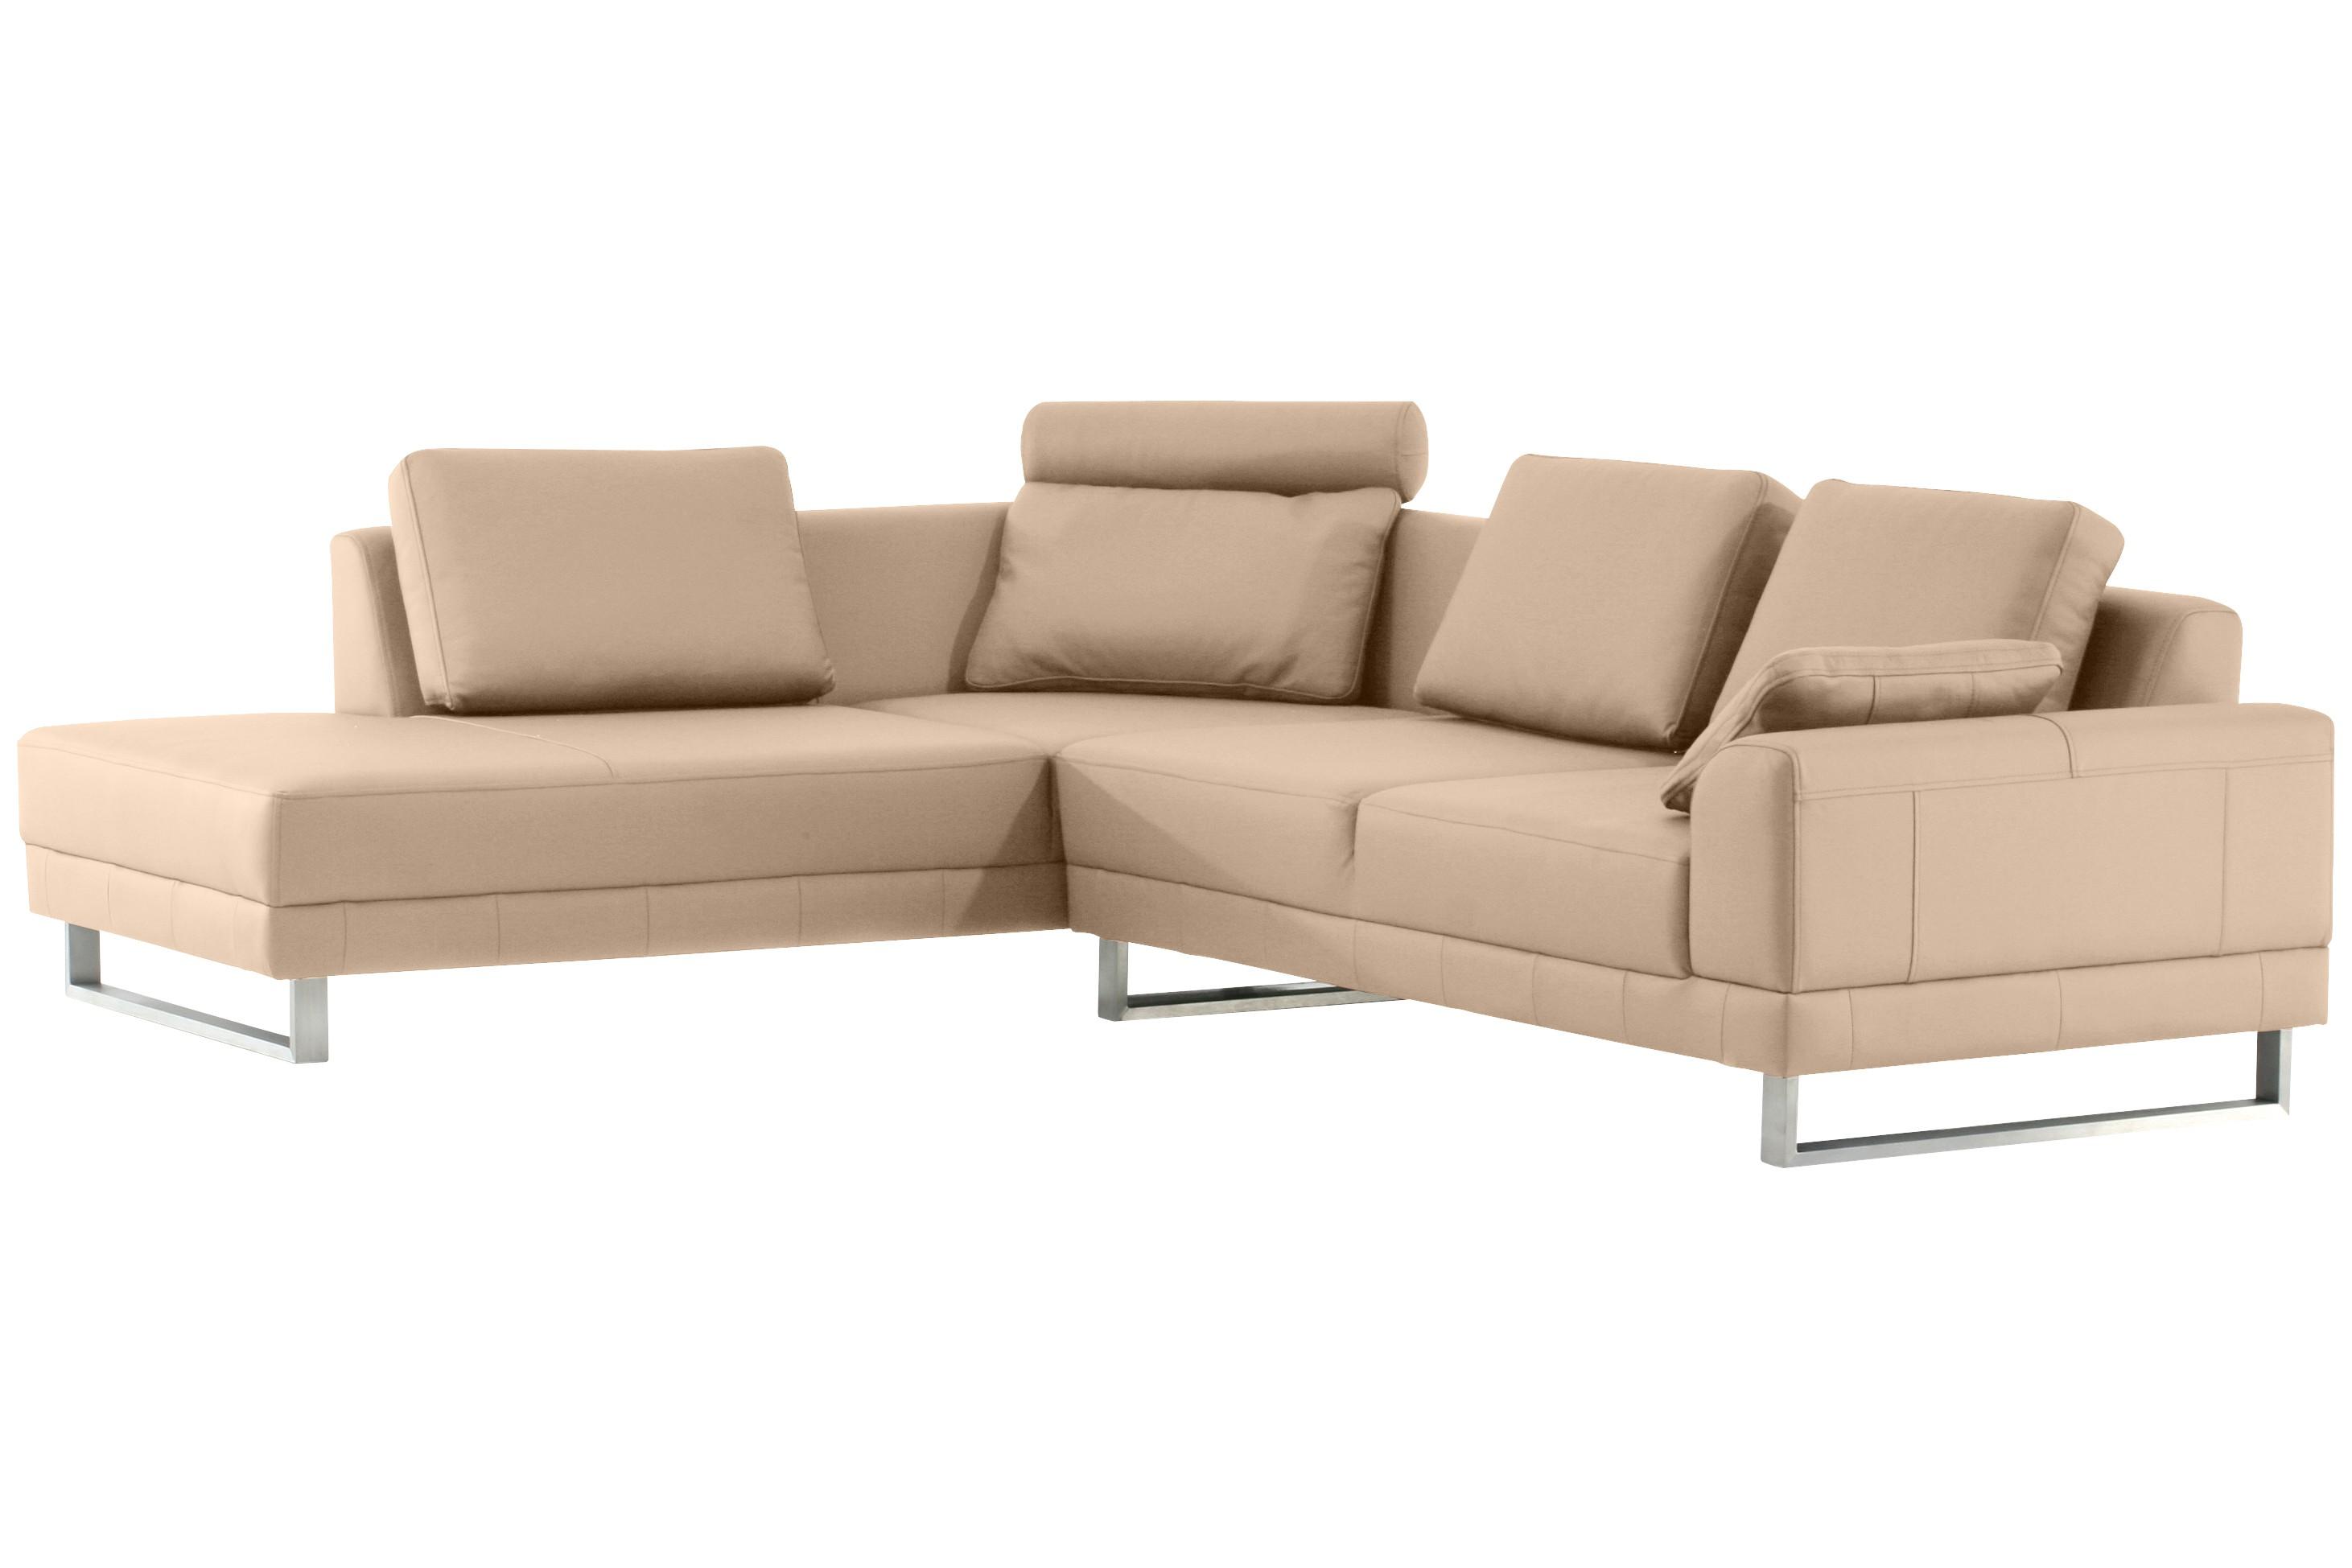 ecksofa siena leder creme. Black Bedroom Furniture Sets. Home Design Ideas